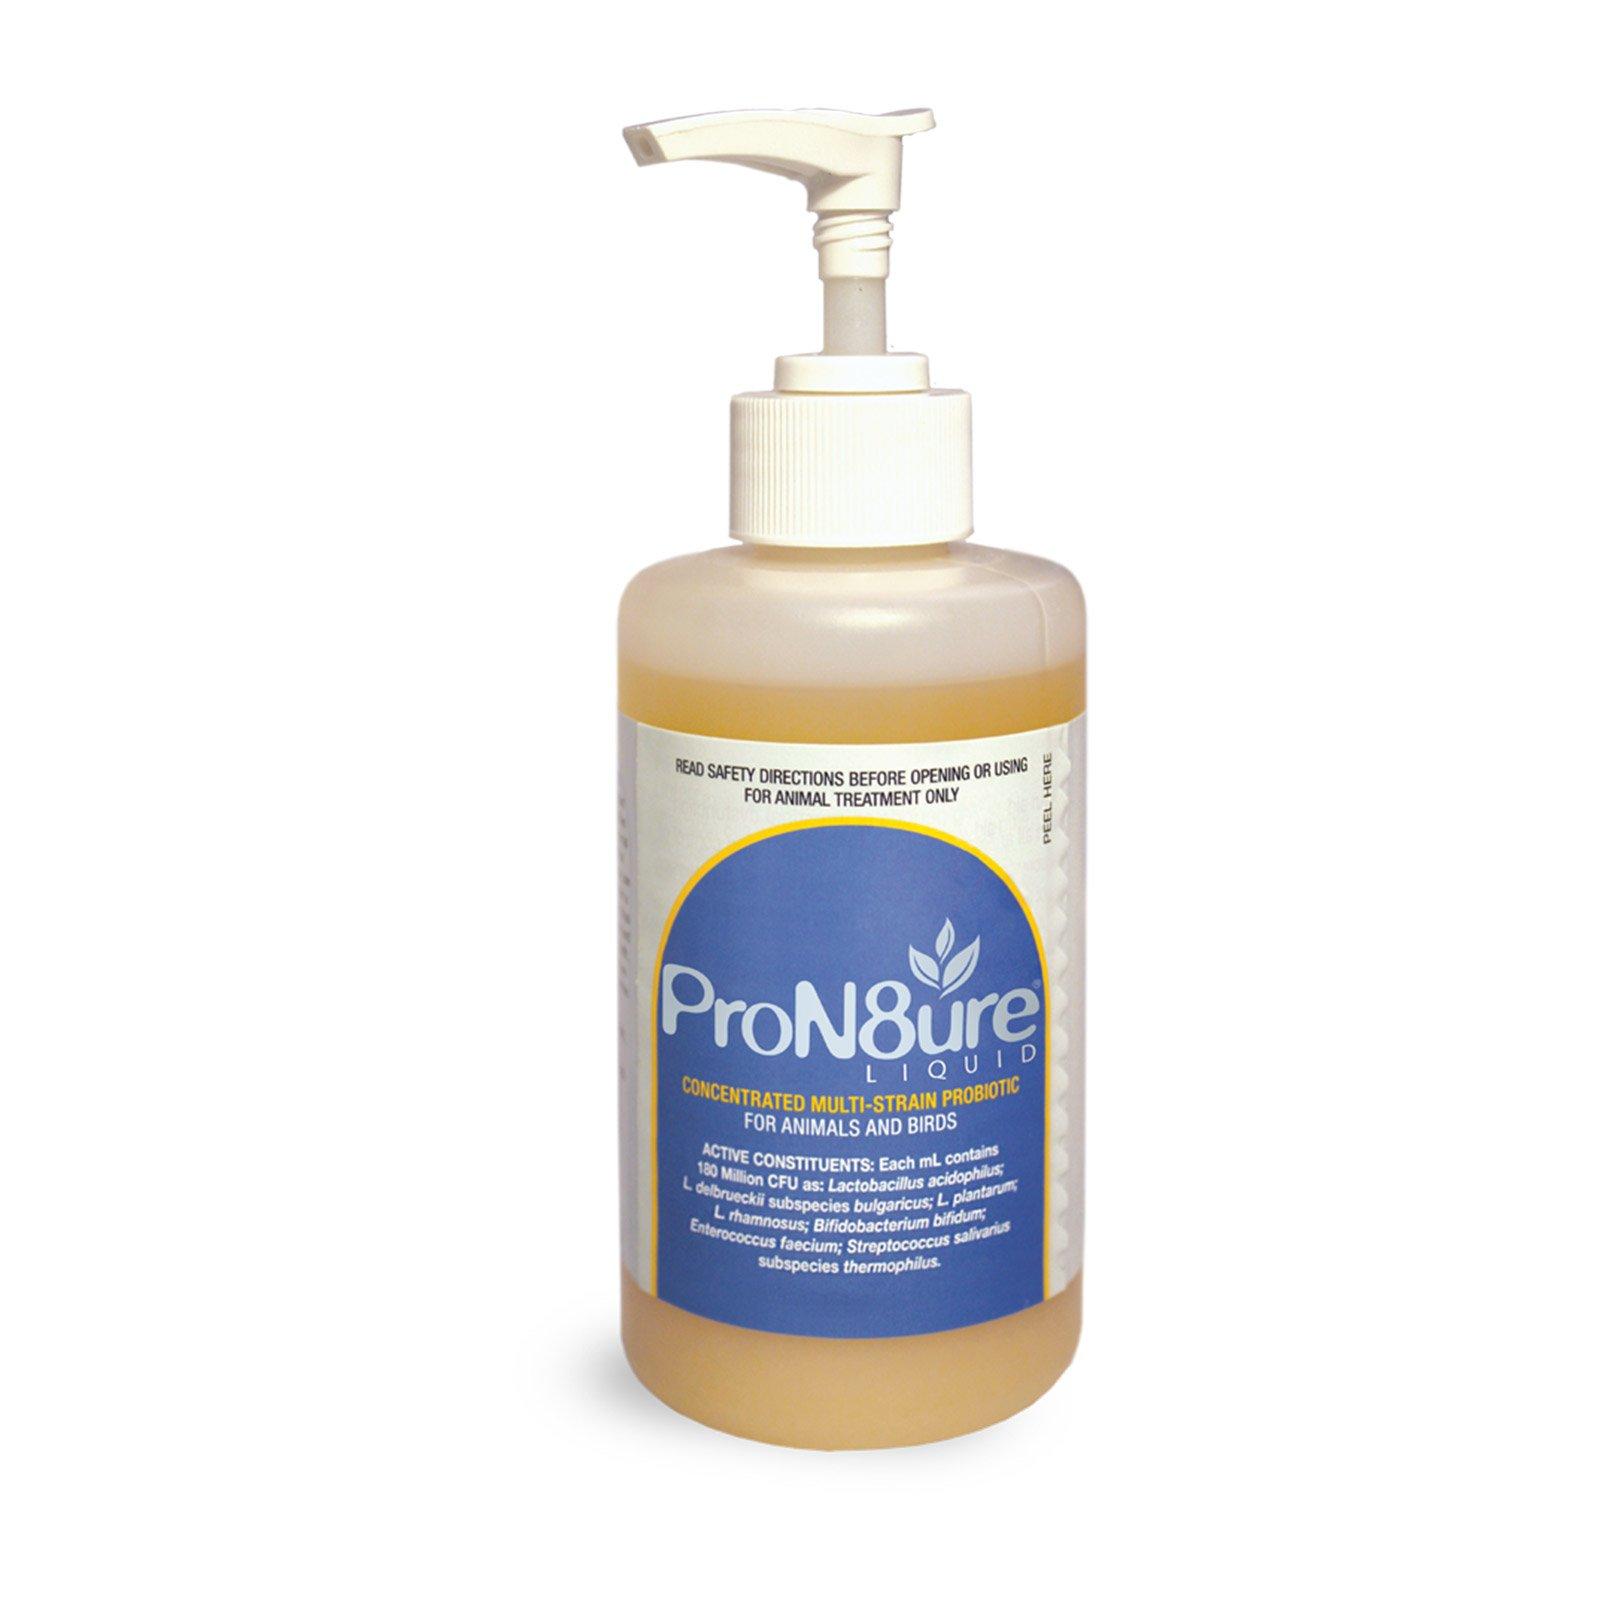 PRON8URE (PROTEXIN) LIQUID